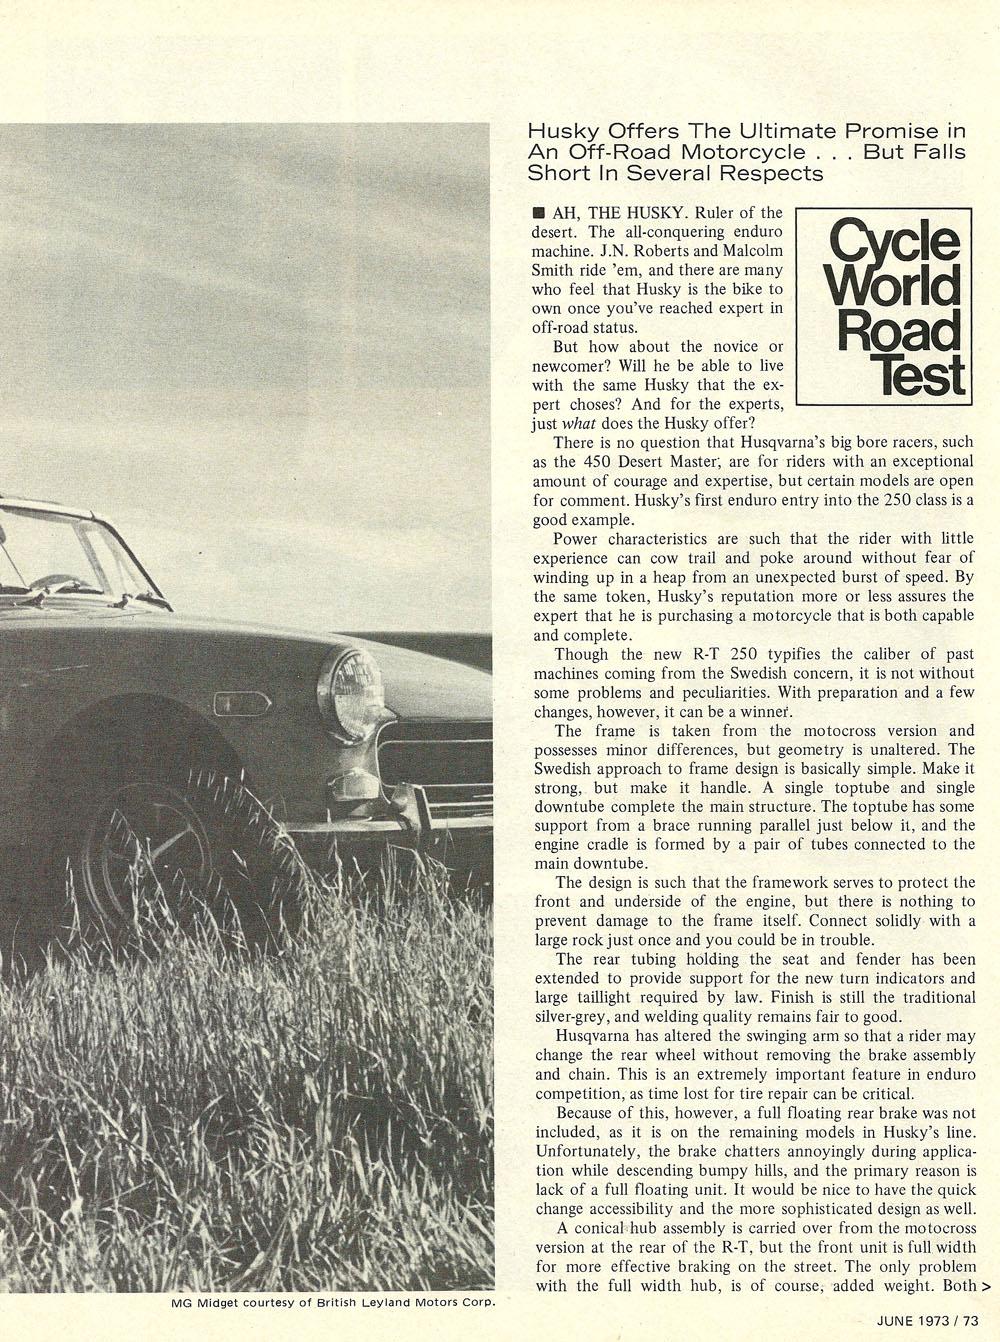 1973 Husqvarna 250 wr road test 02.jpg